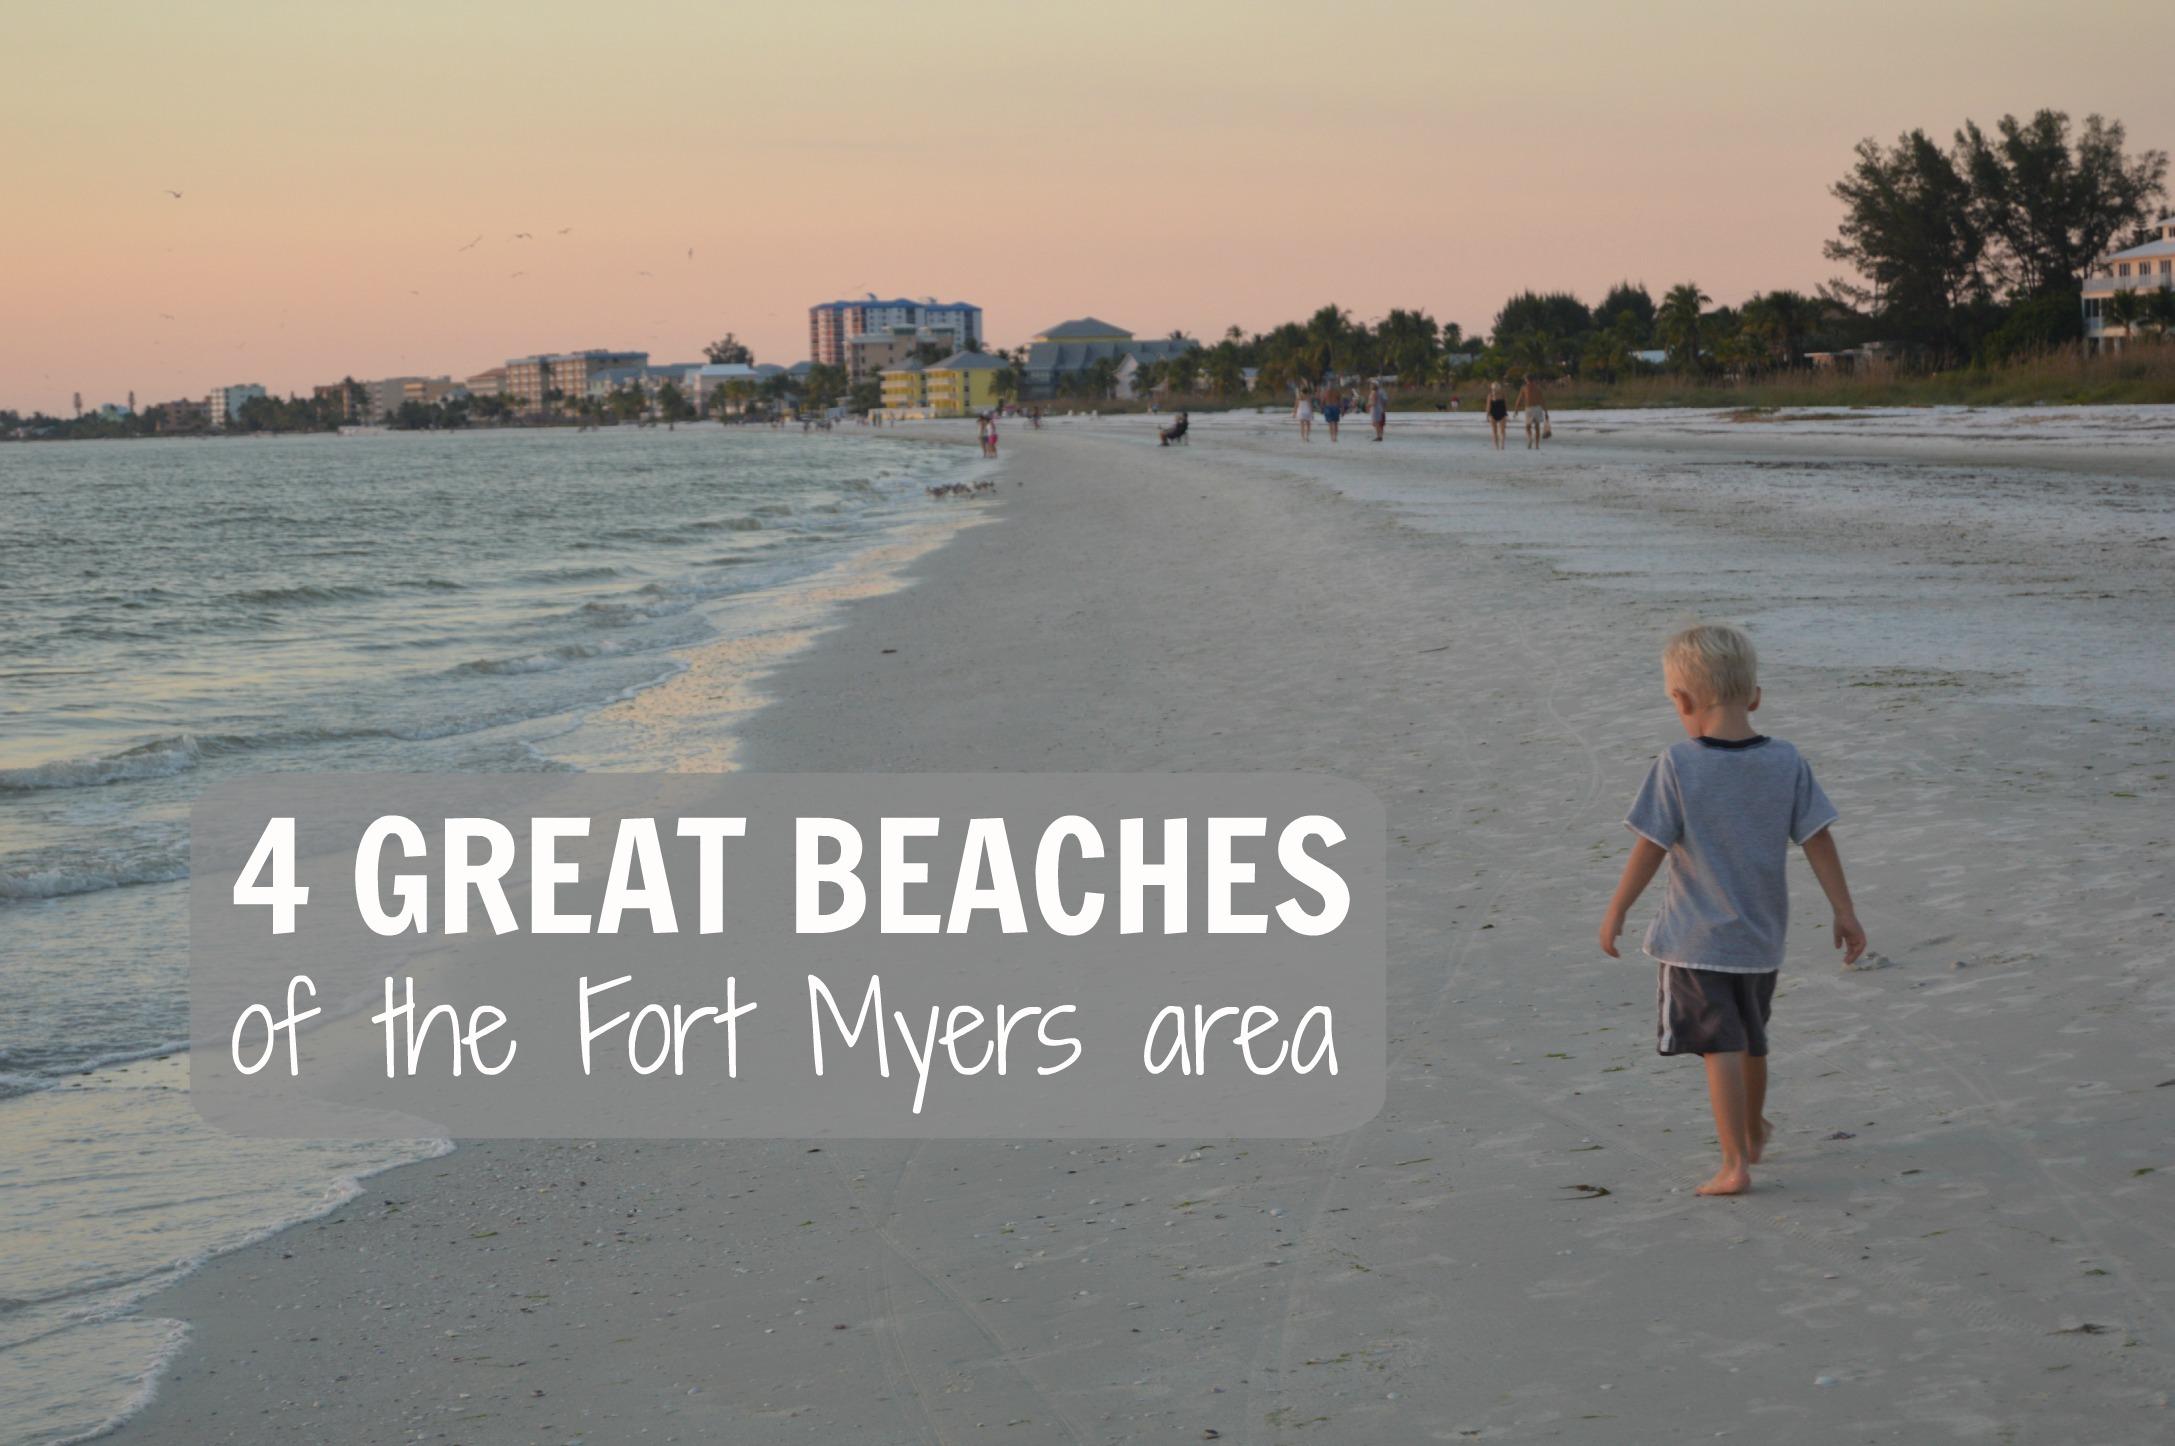 header for Ft Myers beaches